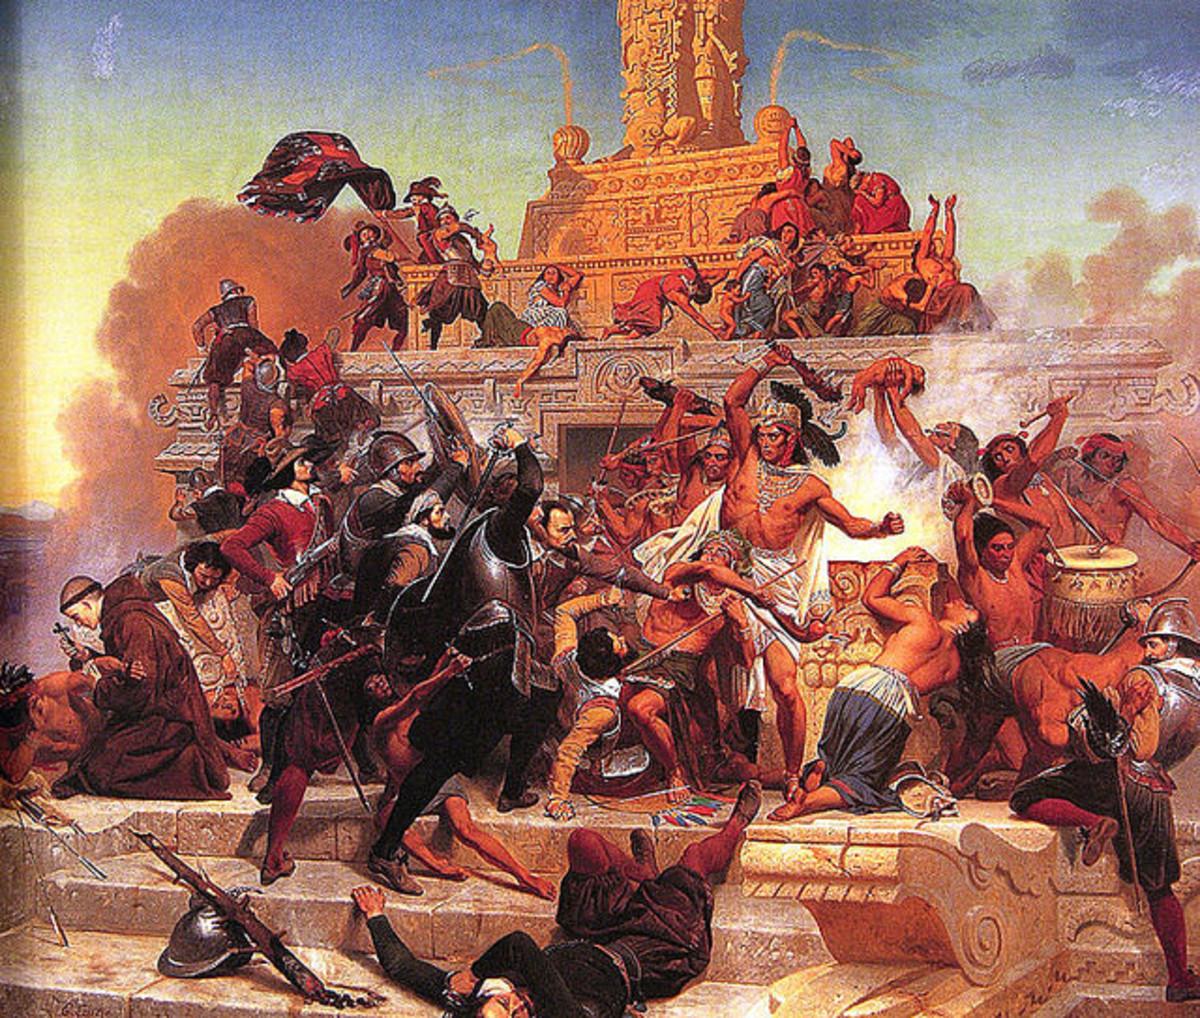 Spanish Conquest, 1519